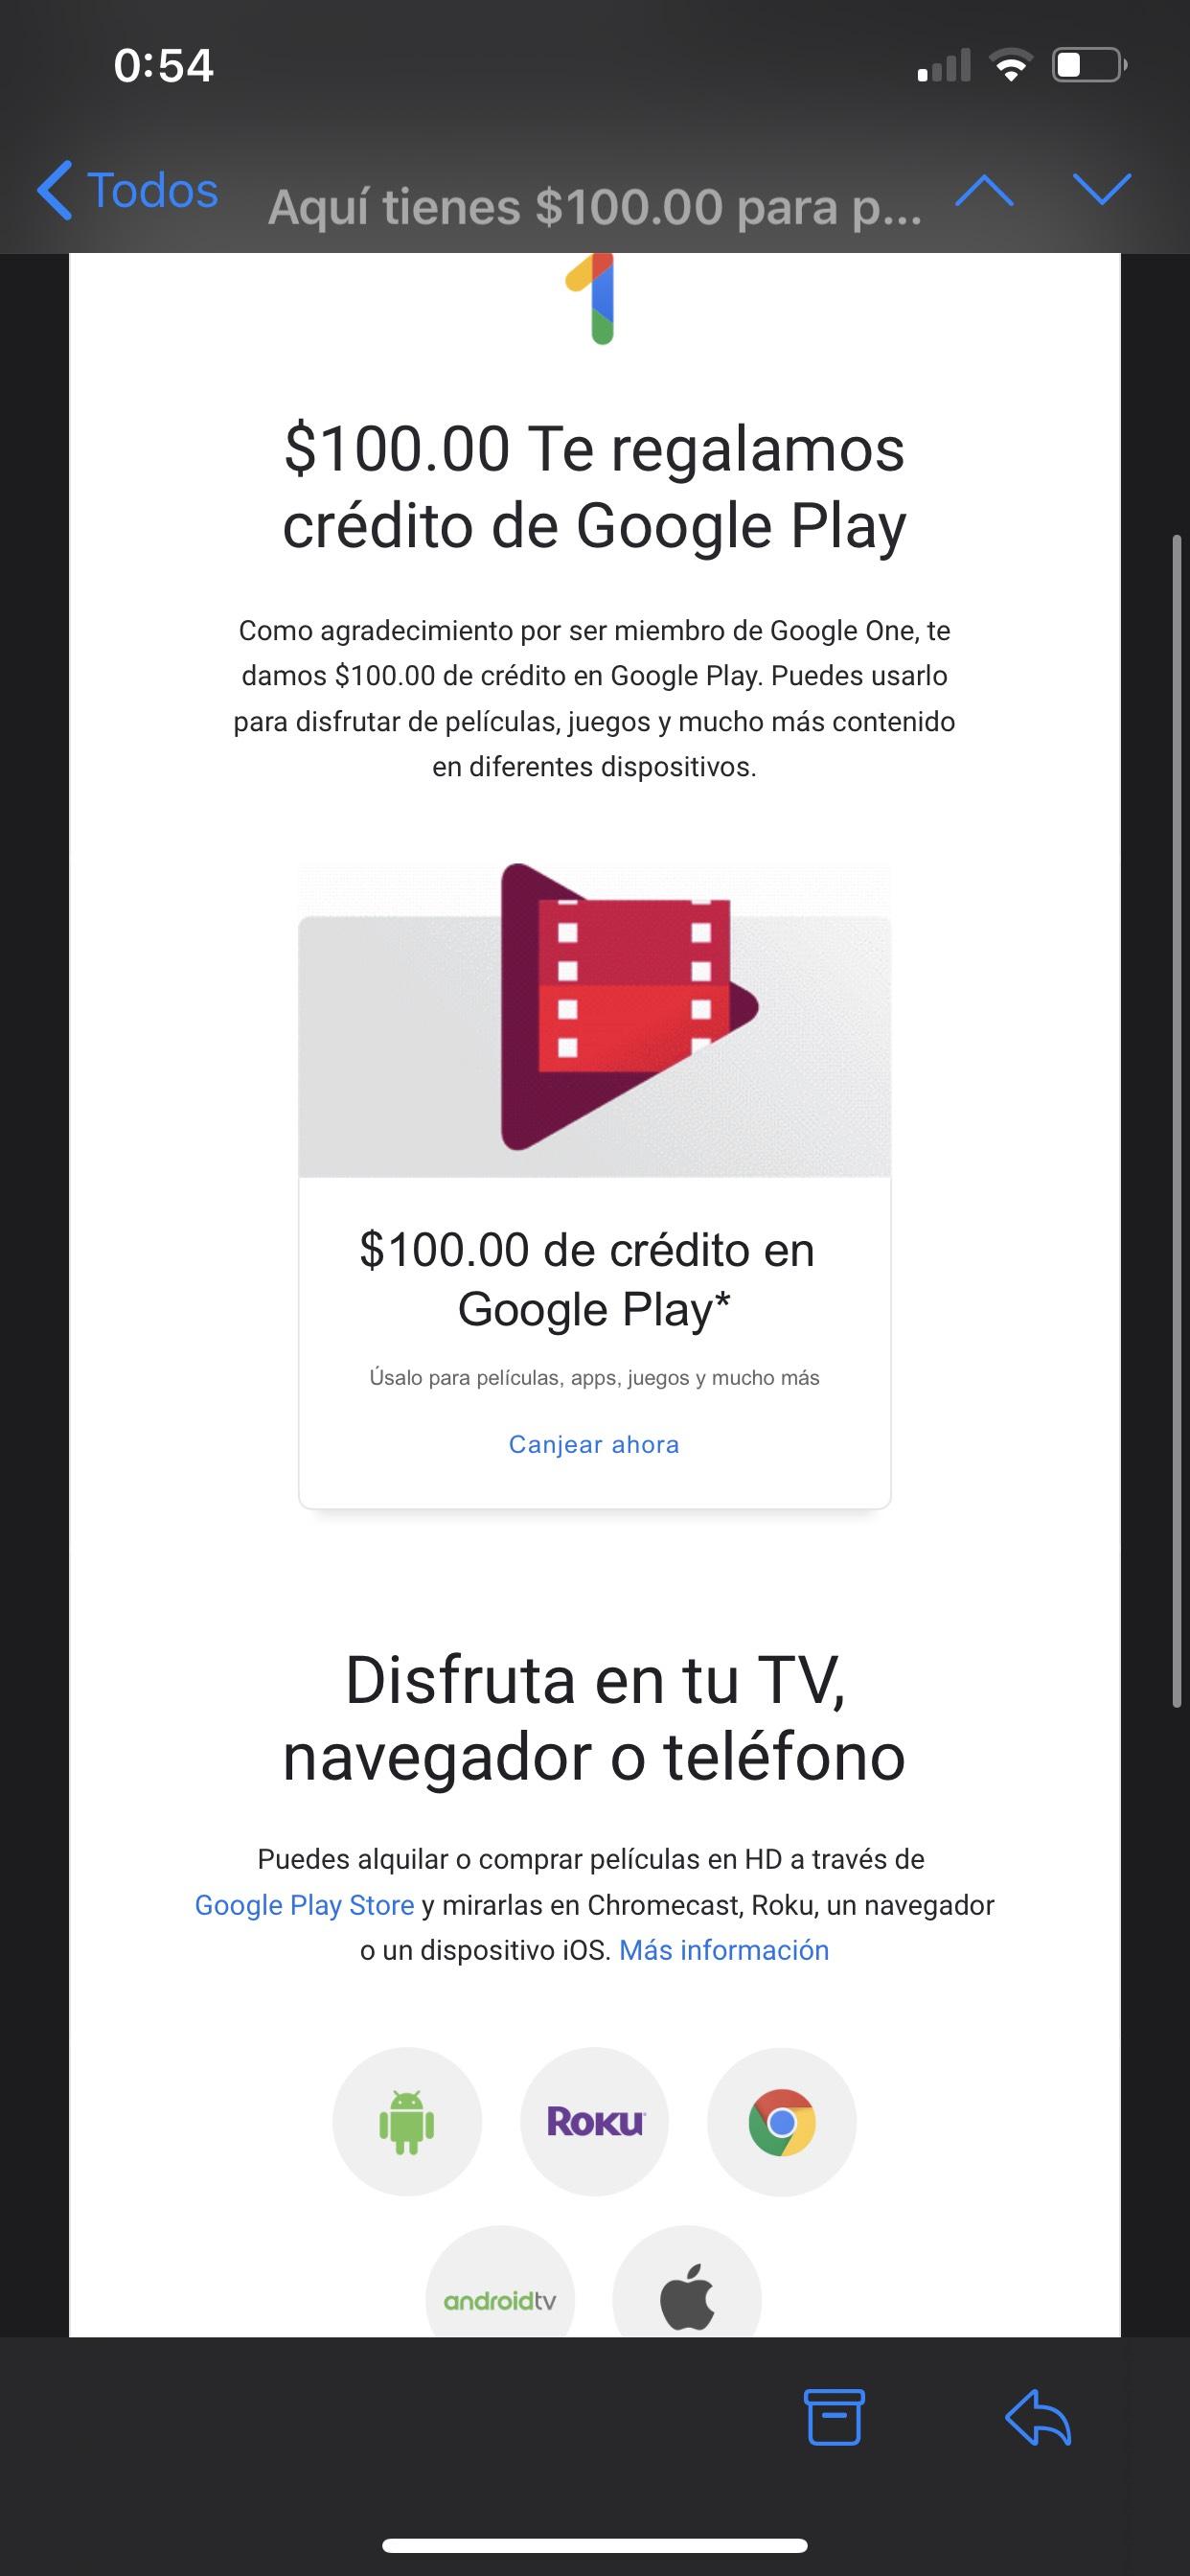 Google Play regala $100 a miembros de Google One